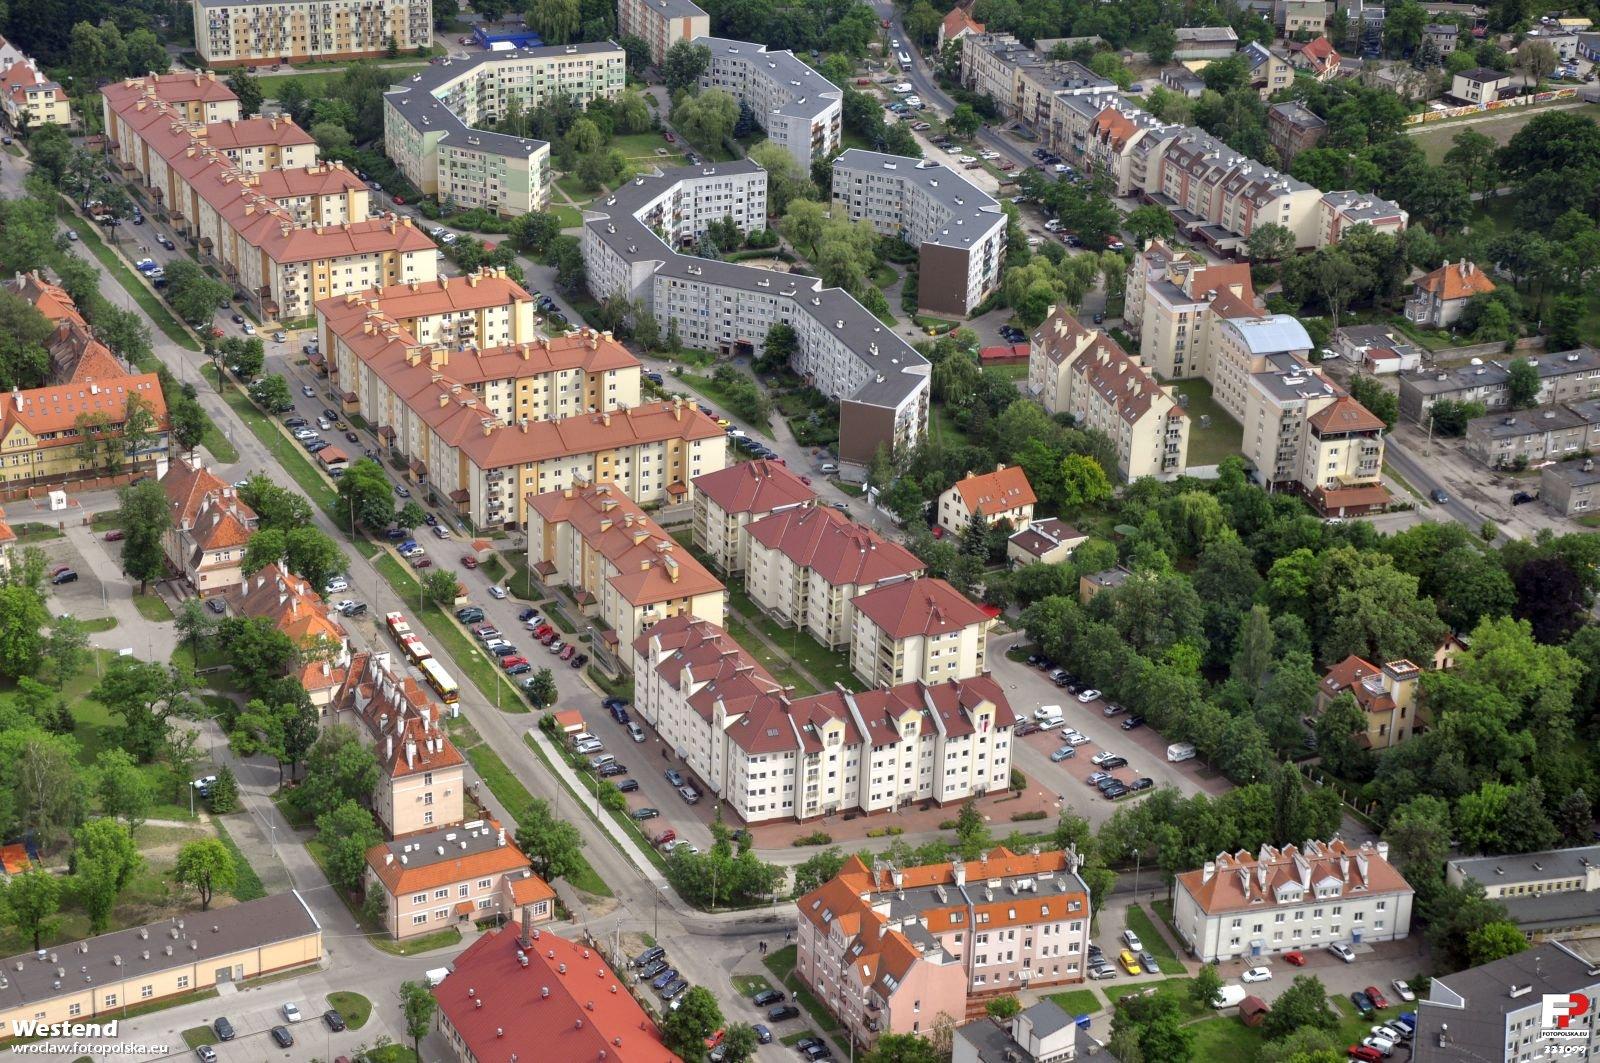 Zdjecia_lotnicze_-_Karlowice_333099_Fotopolska-Eu